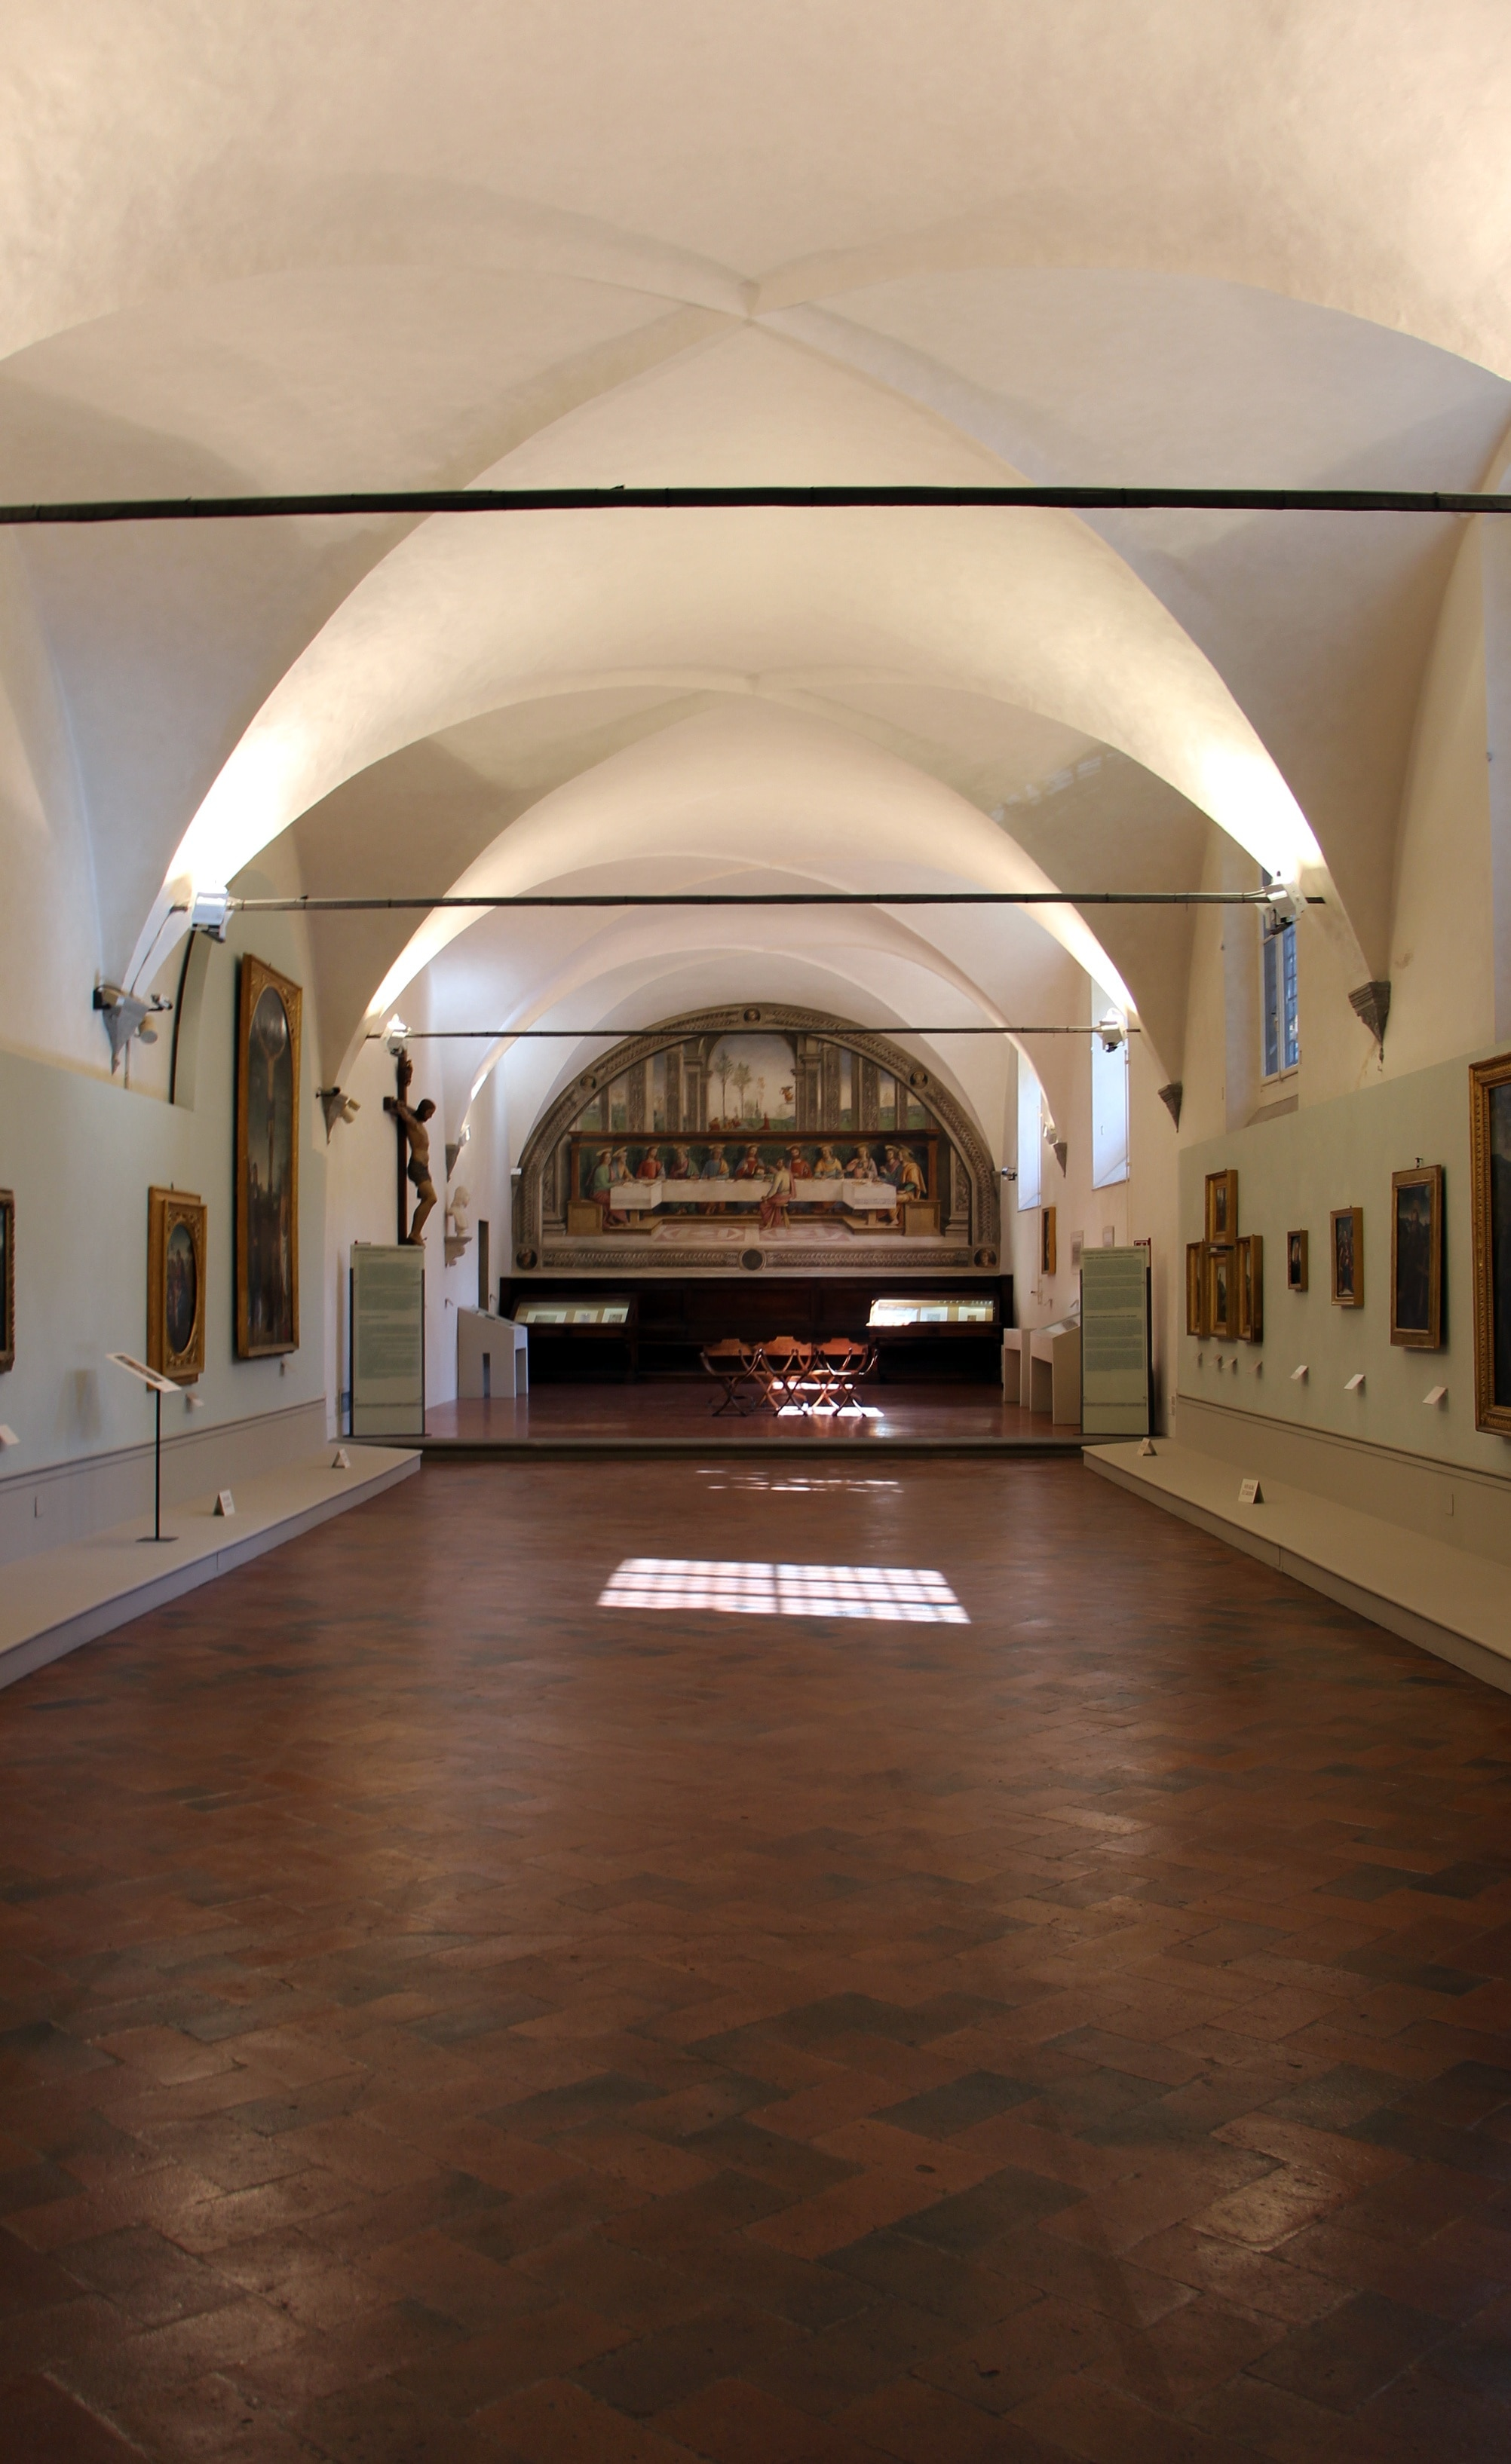 Via Faenza, Florenz, Toskana, Italien